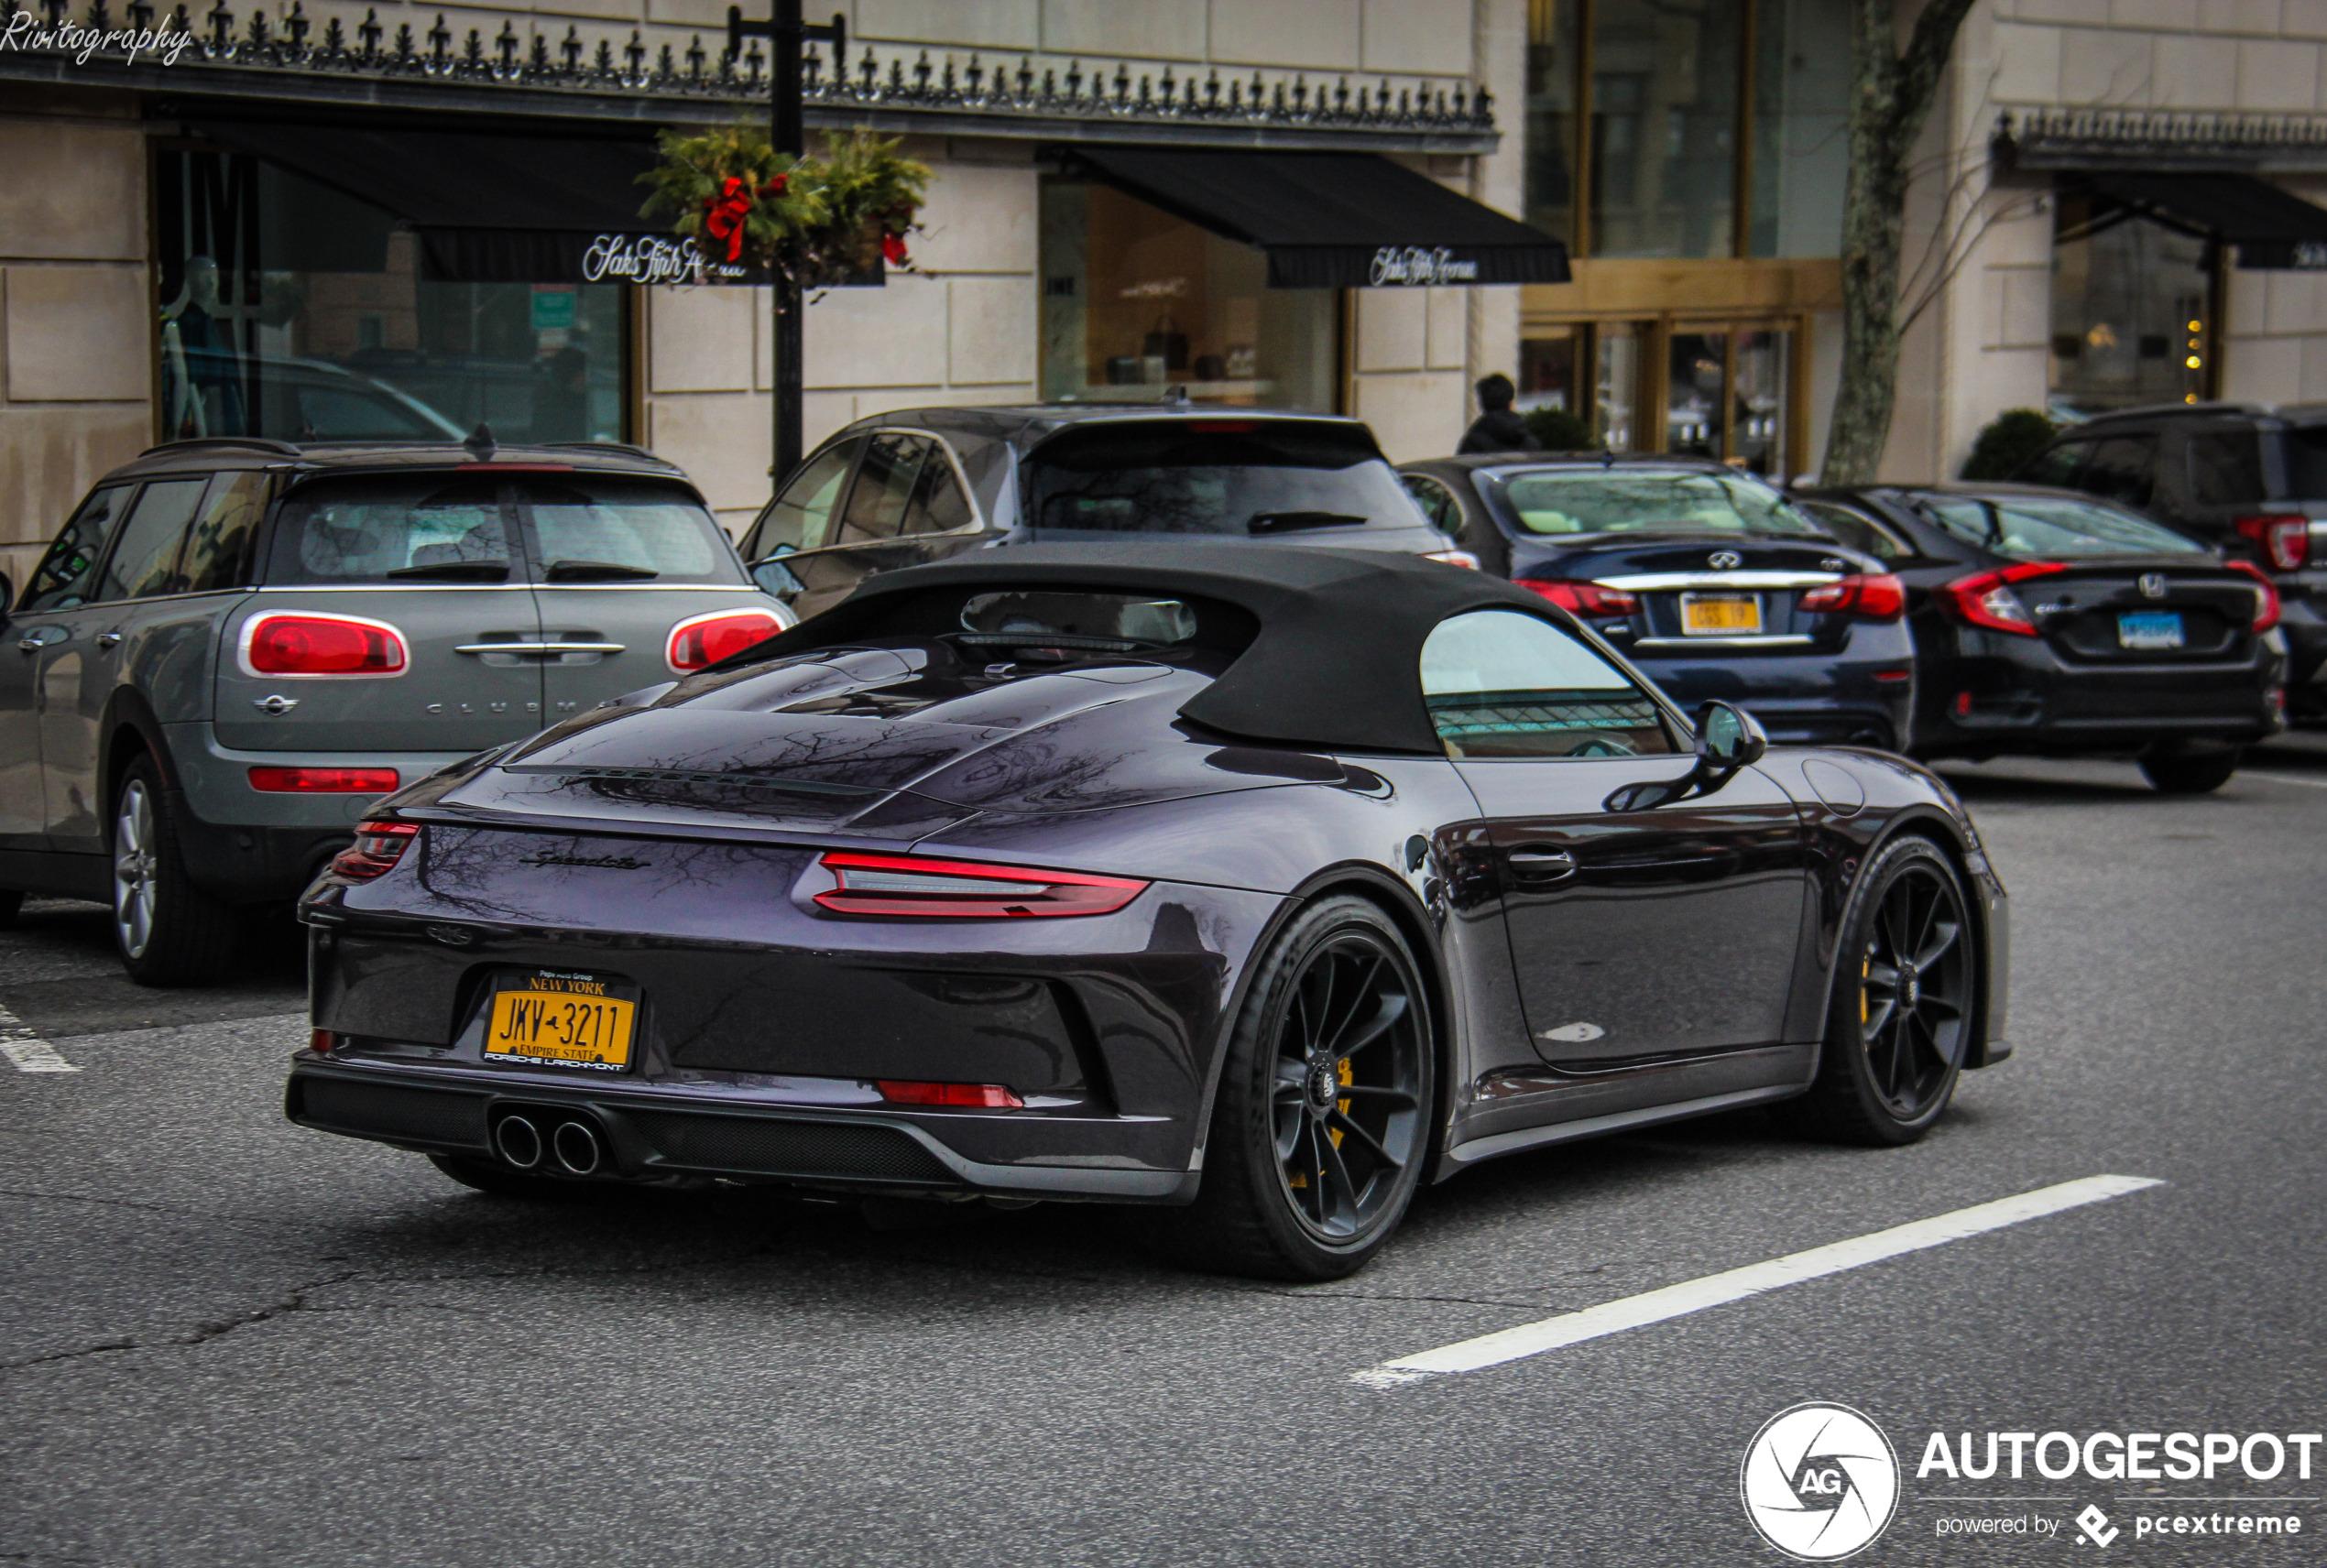 Fleur je dag op met een paarse Porsche 991 Speedster